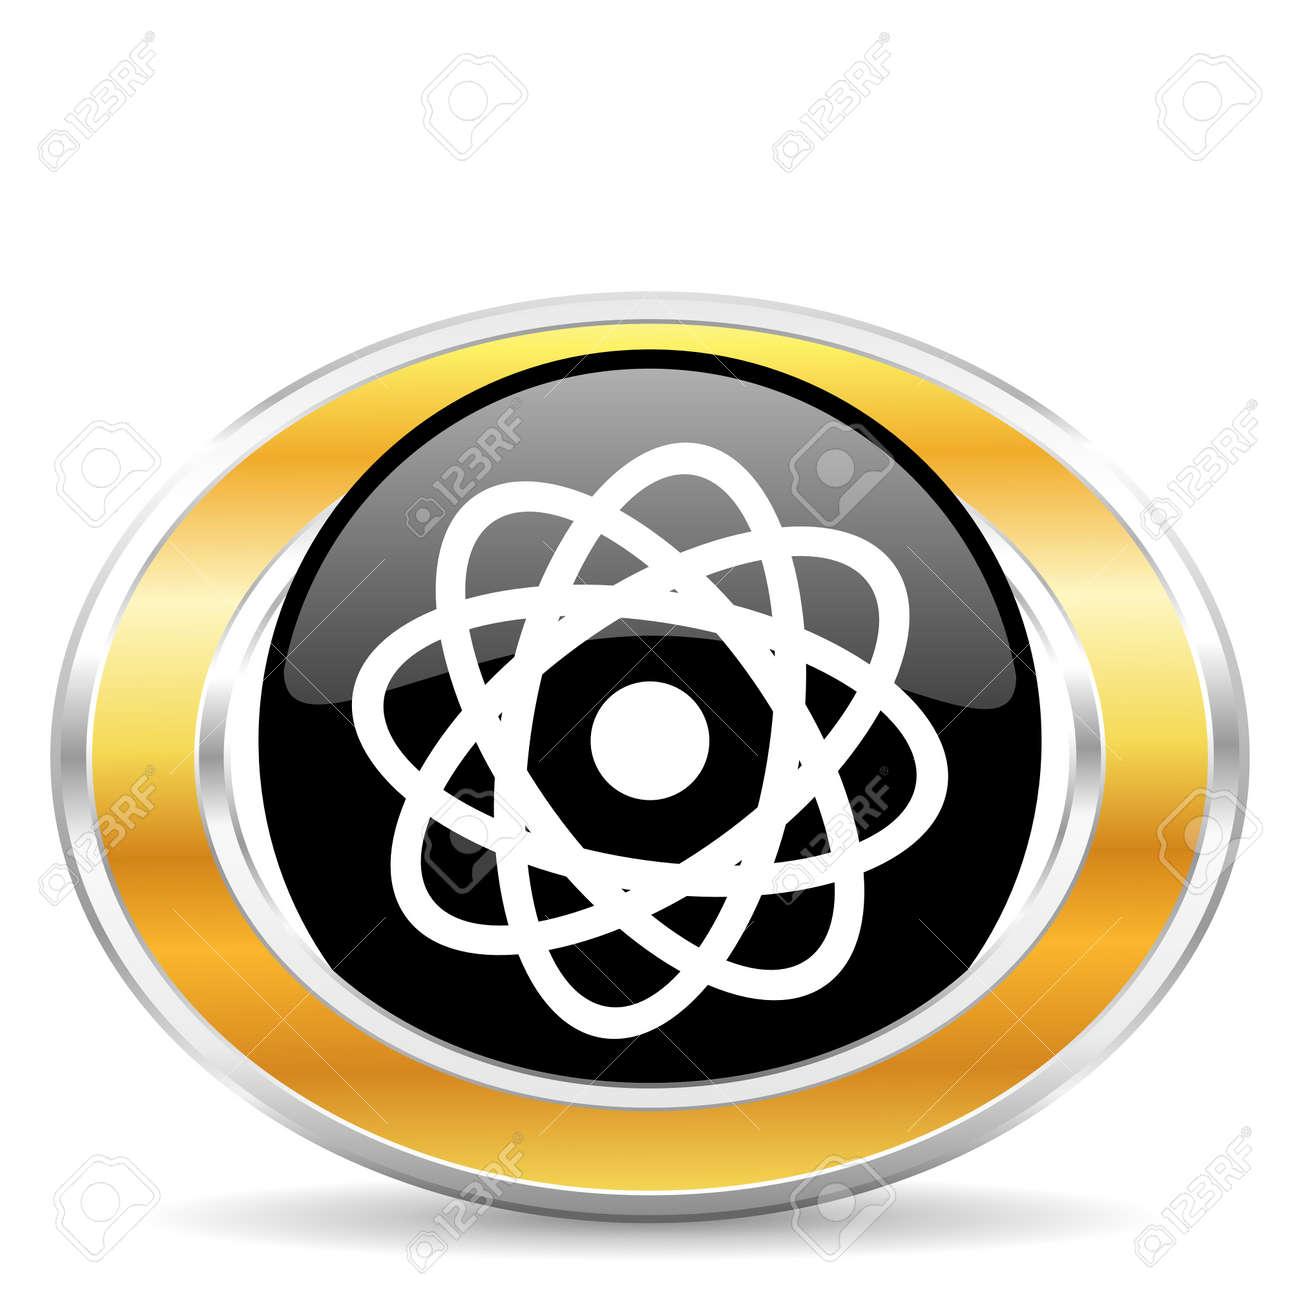 atom icon, Stock Photo - 22321027